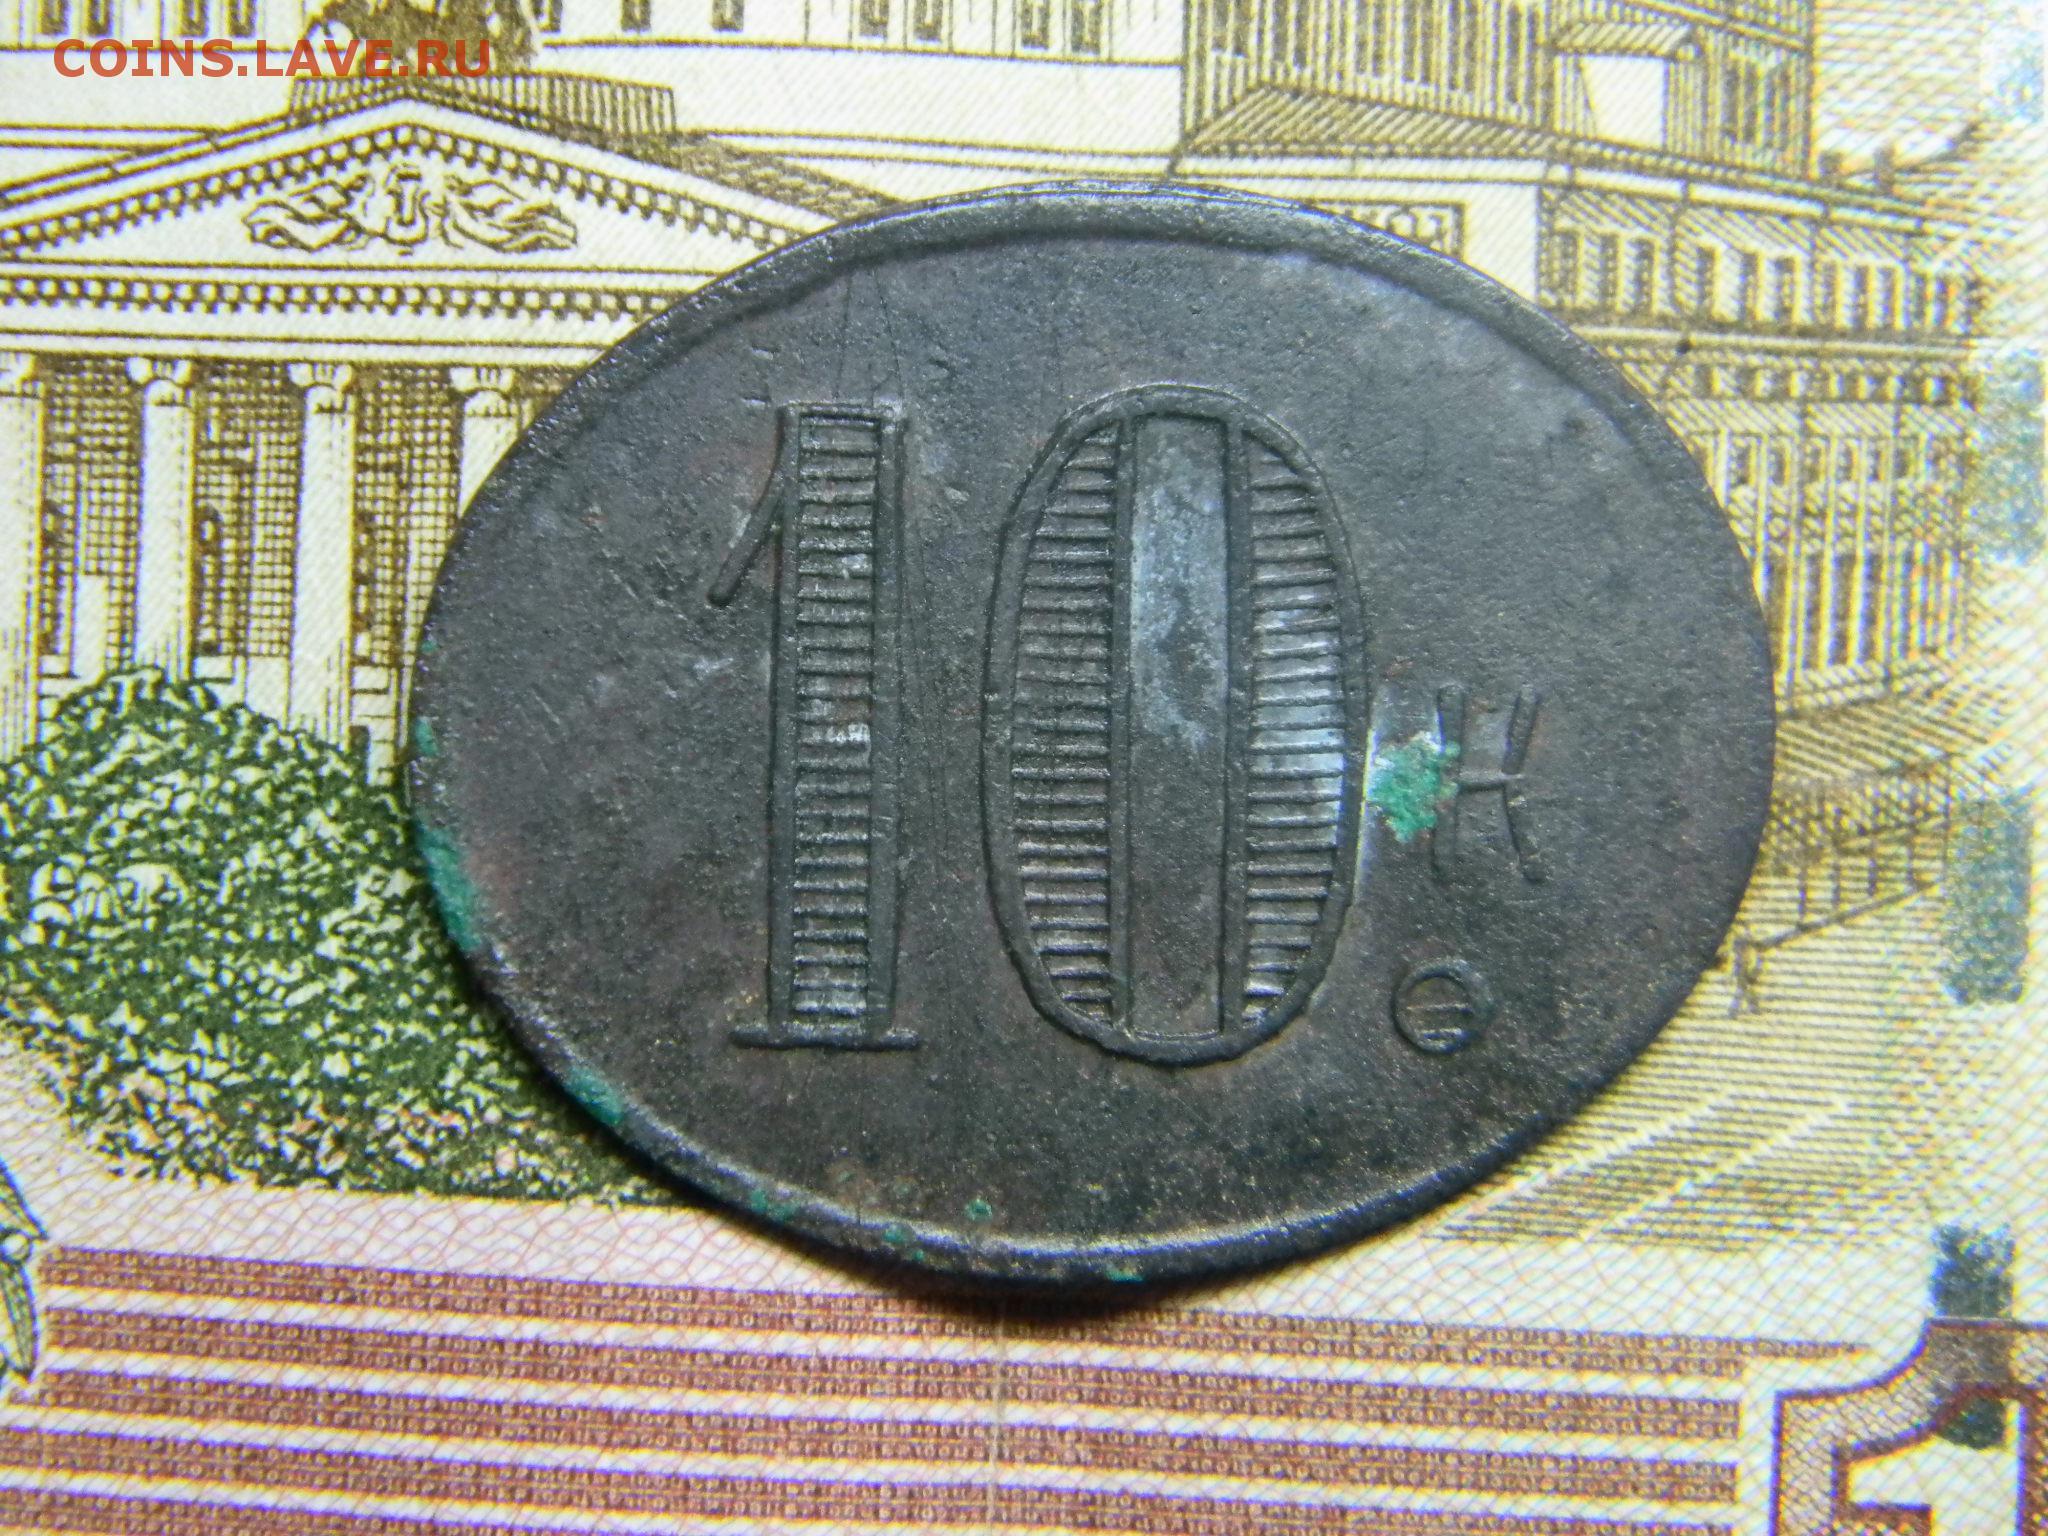 Трактирный жетон 10 копеек - монеты россии и ссср.